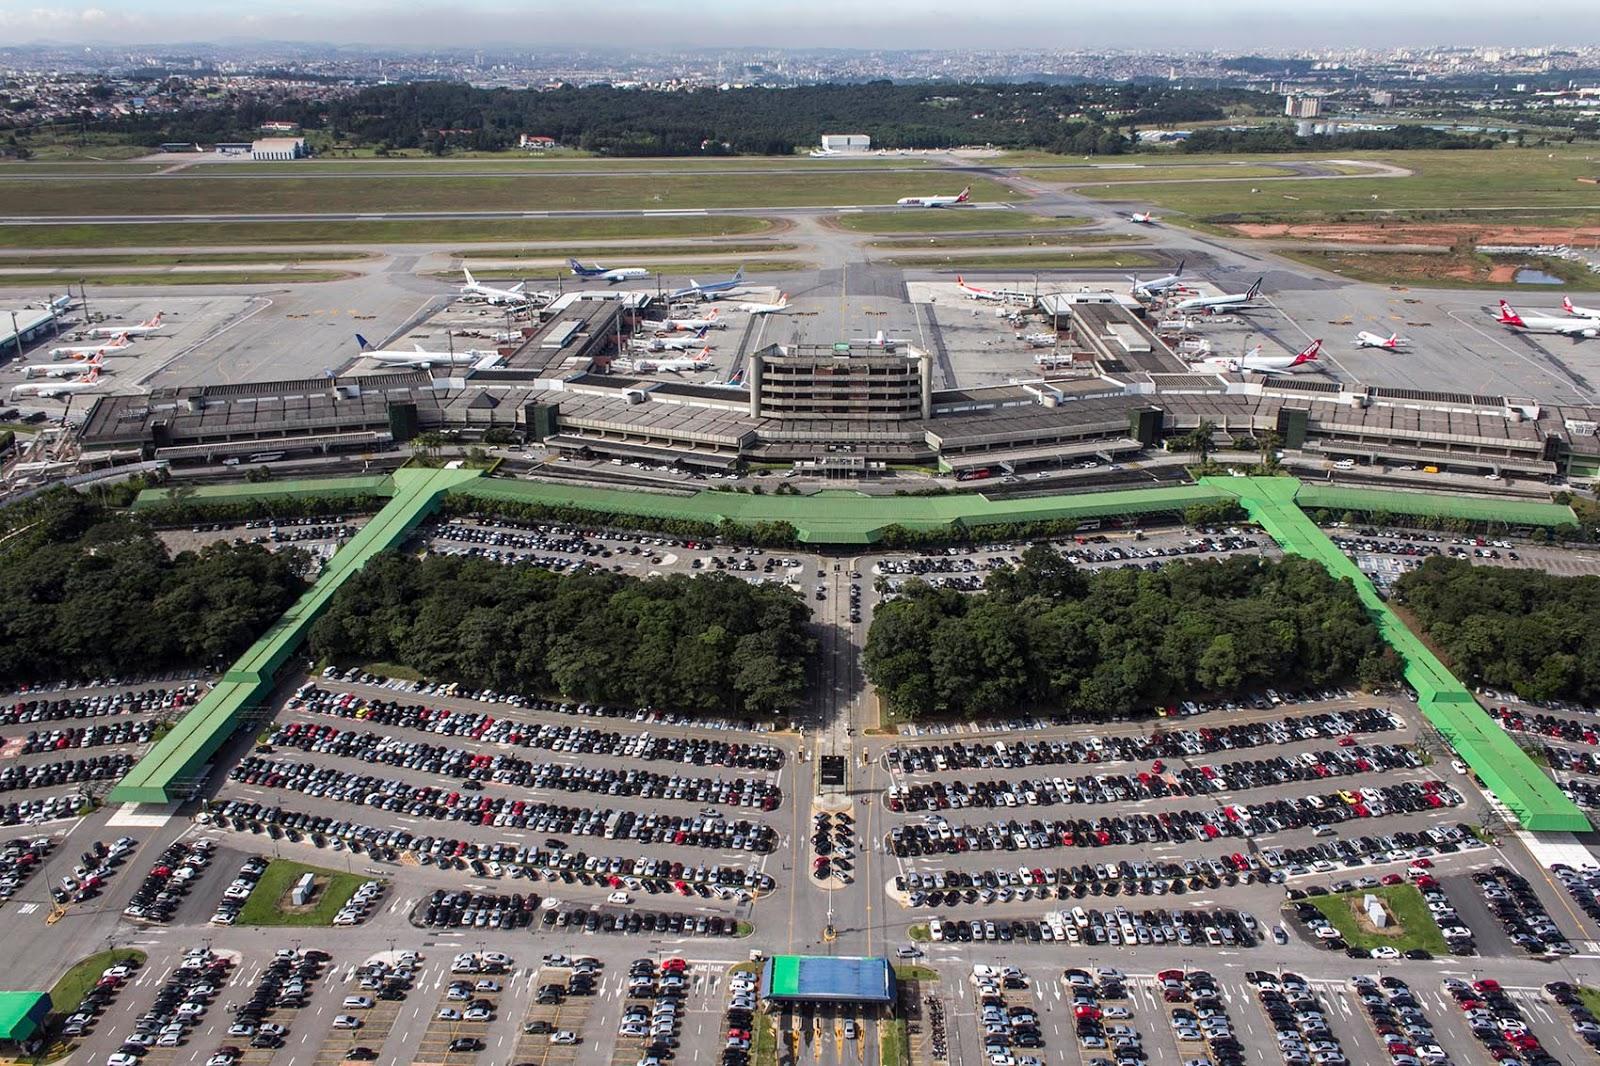 Aeroporto Sp : Cavok videos: aeroporto são paulo t01e04